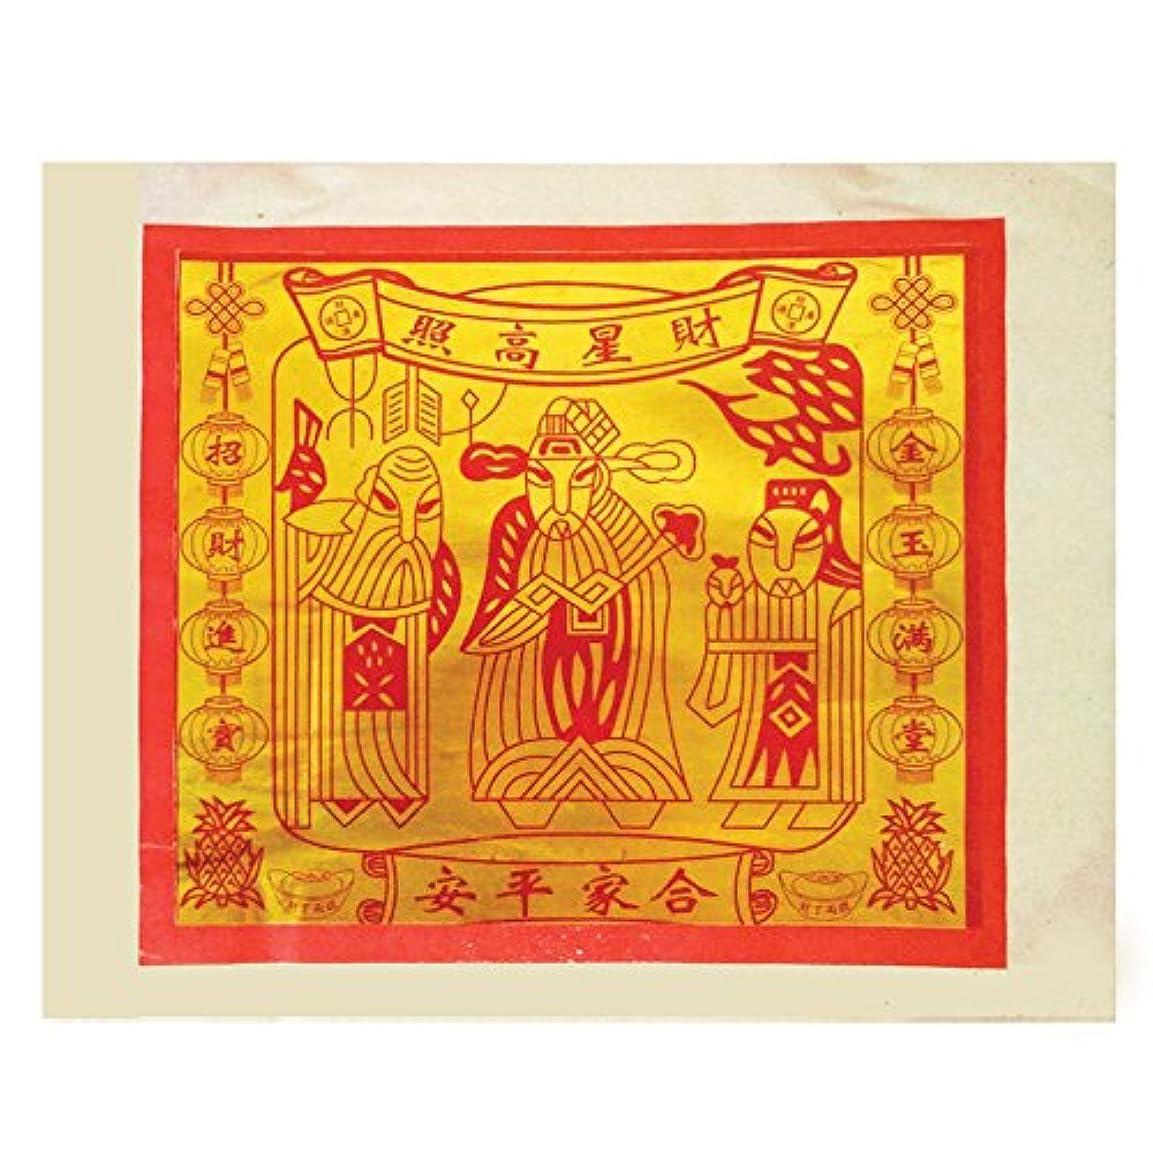 中世の千刈る100個Incense用紙/ Joss用紙with High Gradeゴールド箔サイズL15.75インチx 13.25インチ